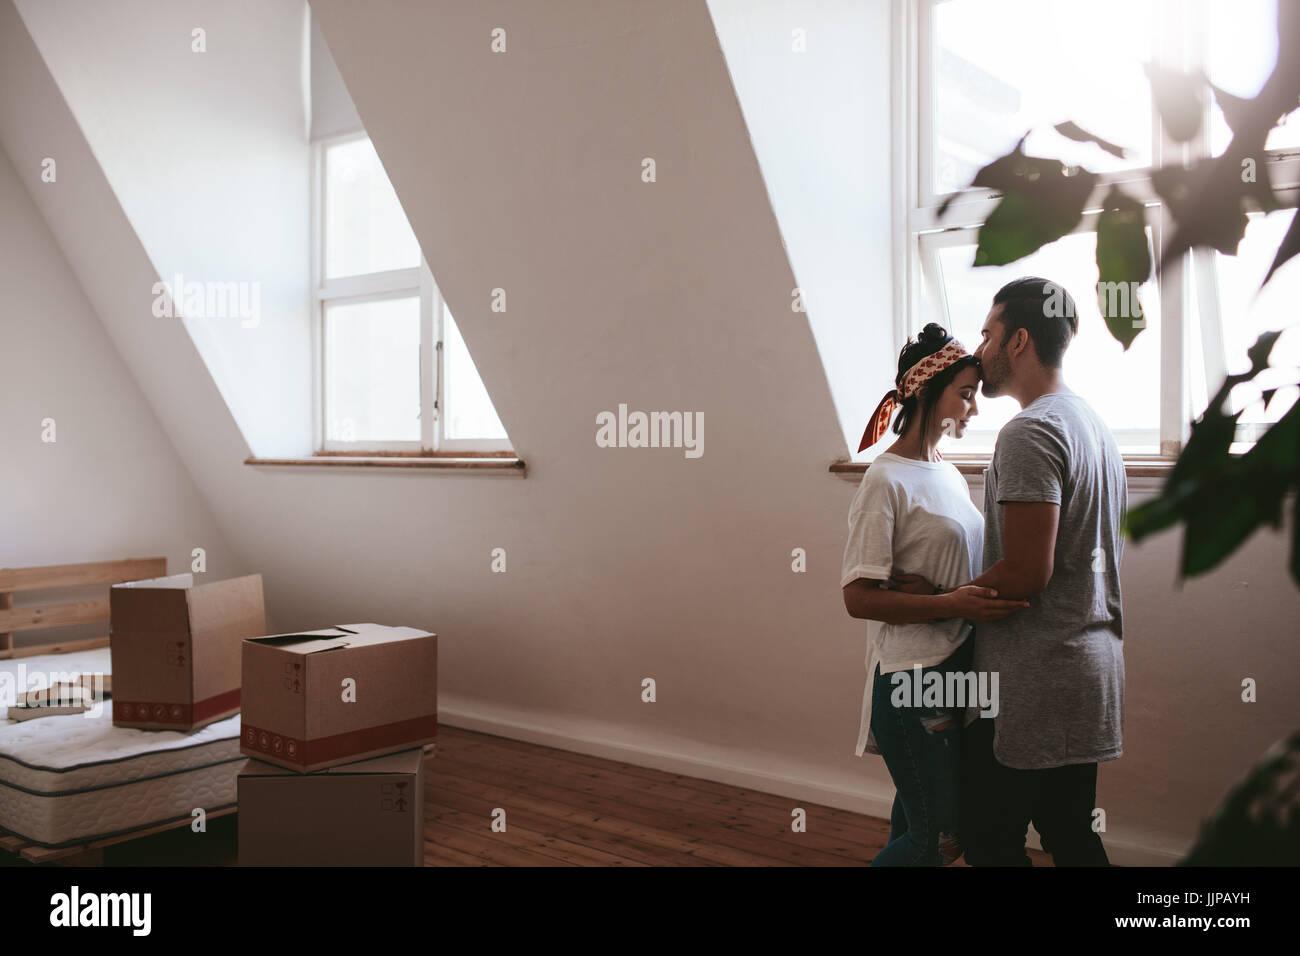 Innenaufnahme des jungen Liebespaar Einzug in ihr neues Zuhause. Mann und Frau in Liebe stehen zusammen mit Kartons Stockbild